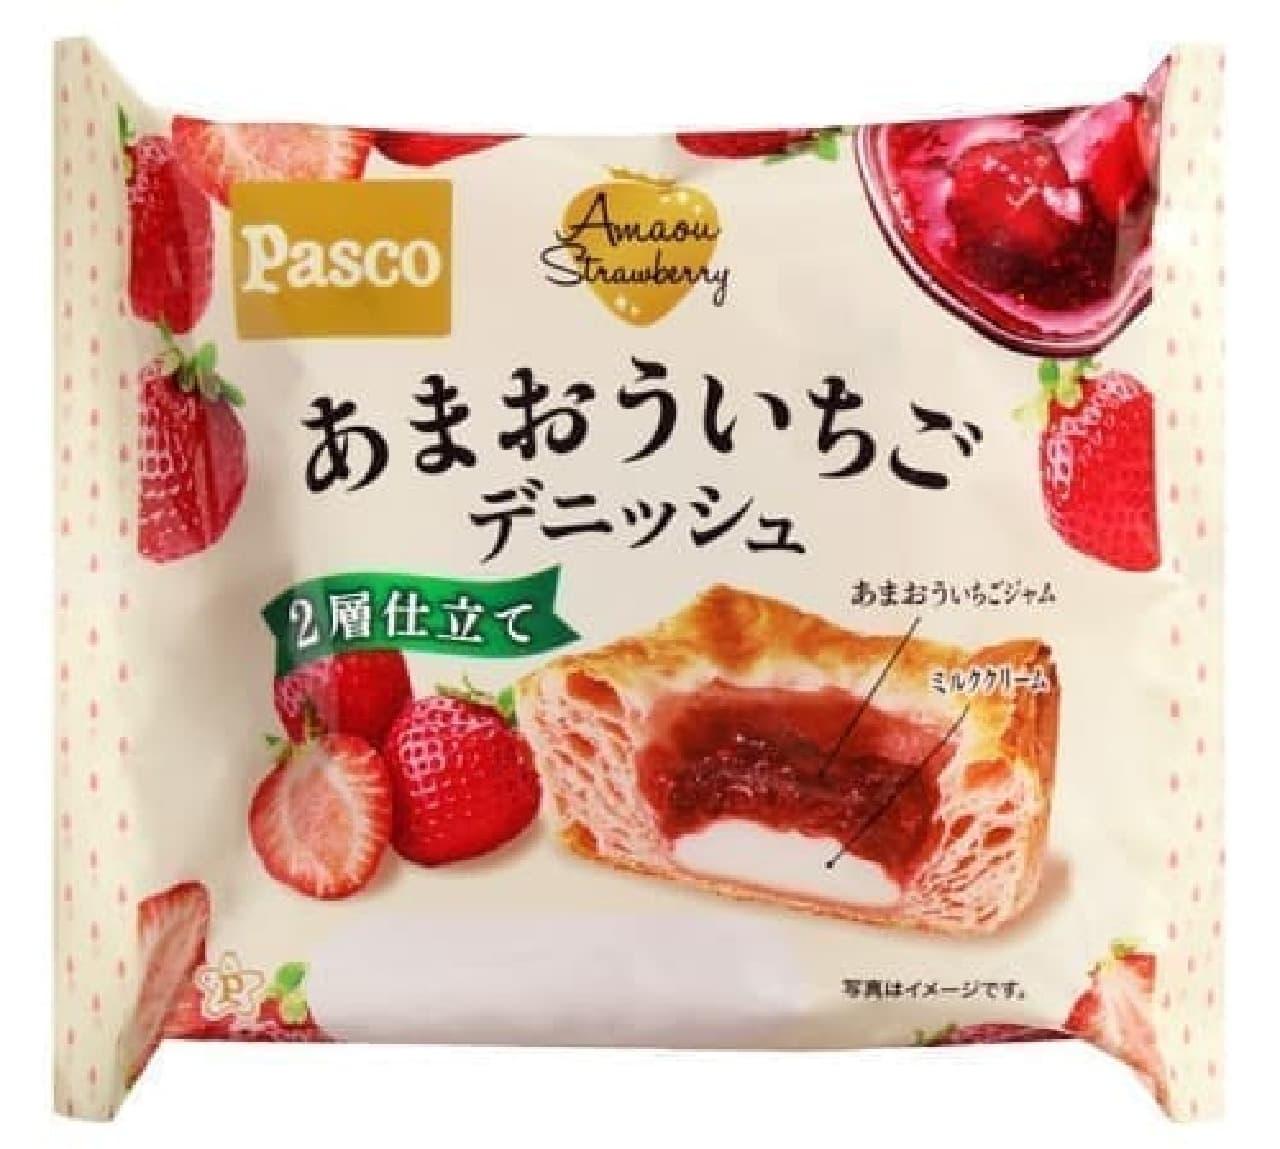 Pasco「あまおういちごデニッシュ」